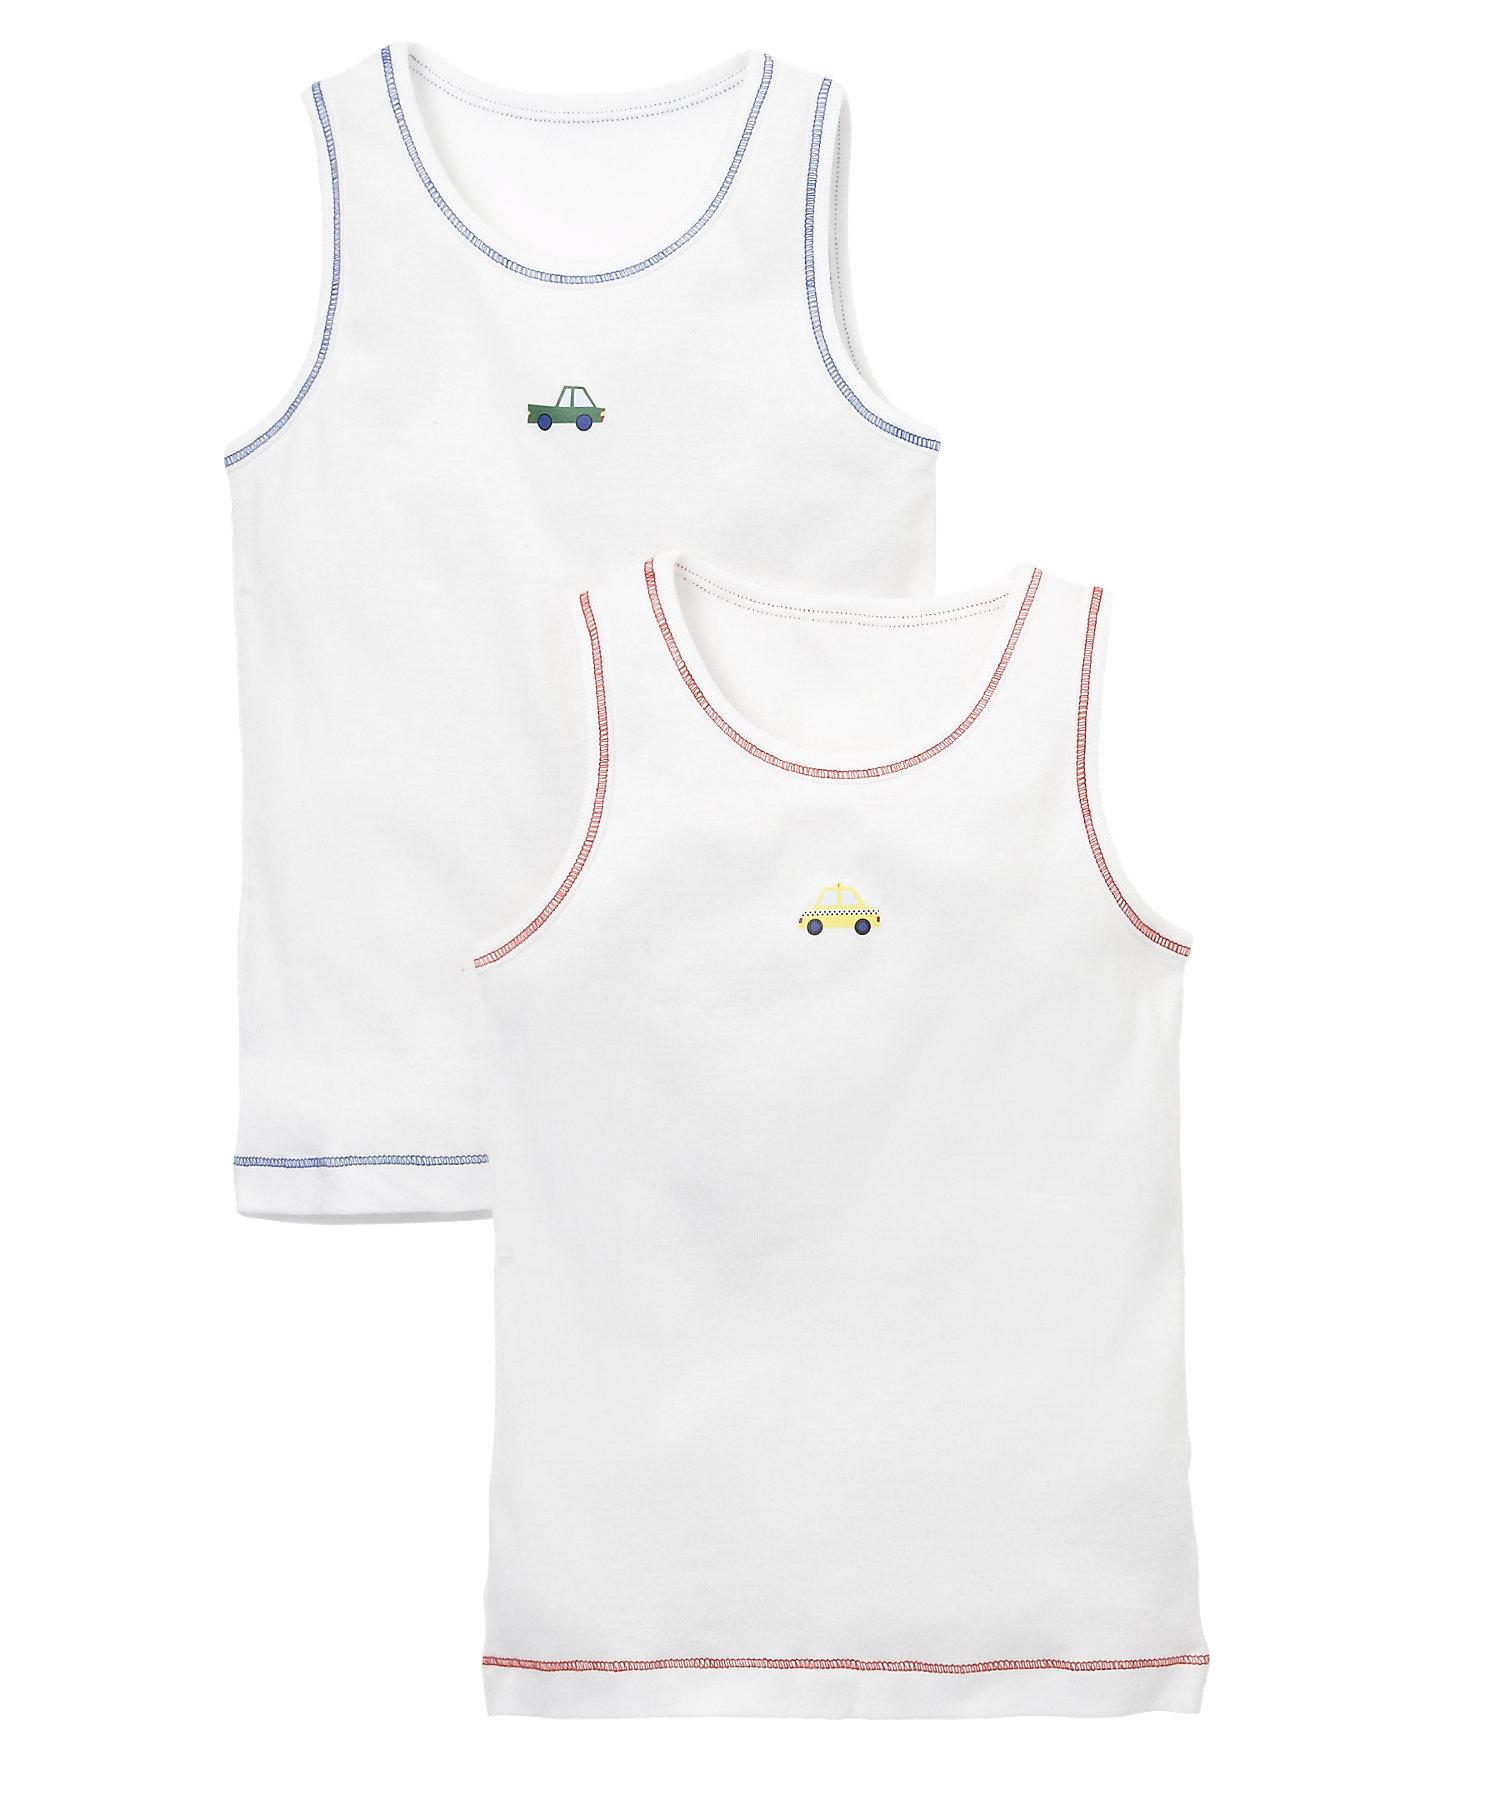 Mothercare   Boys Sleeveless Vest Car Print - Pack Of 2 - White